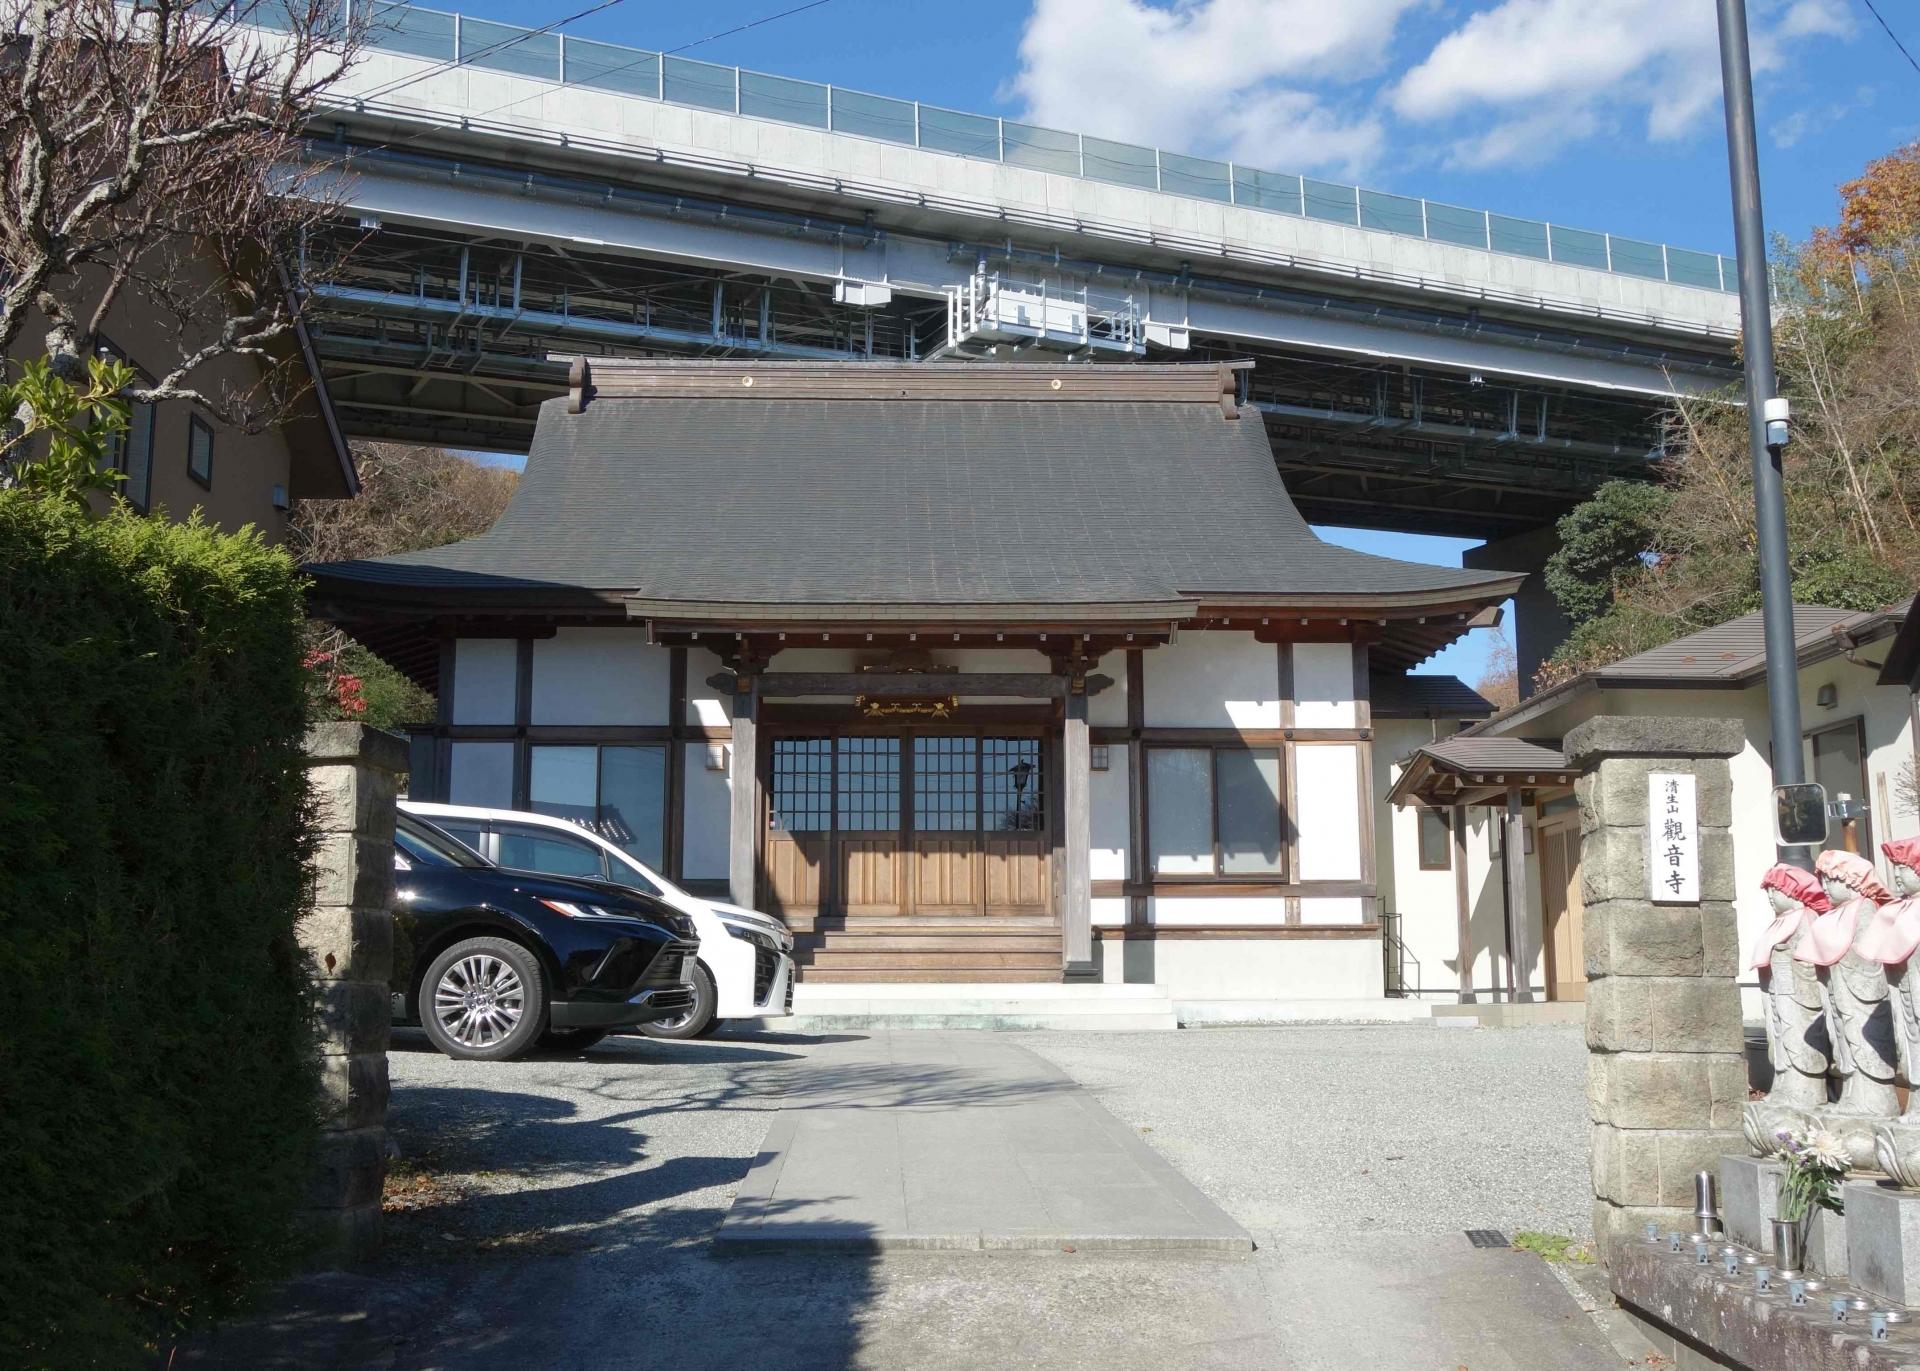 第7番 清生山 觀音寺